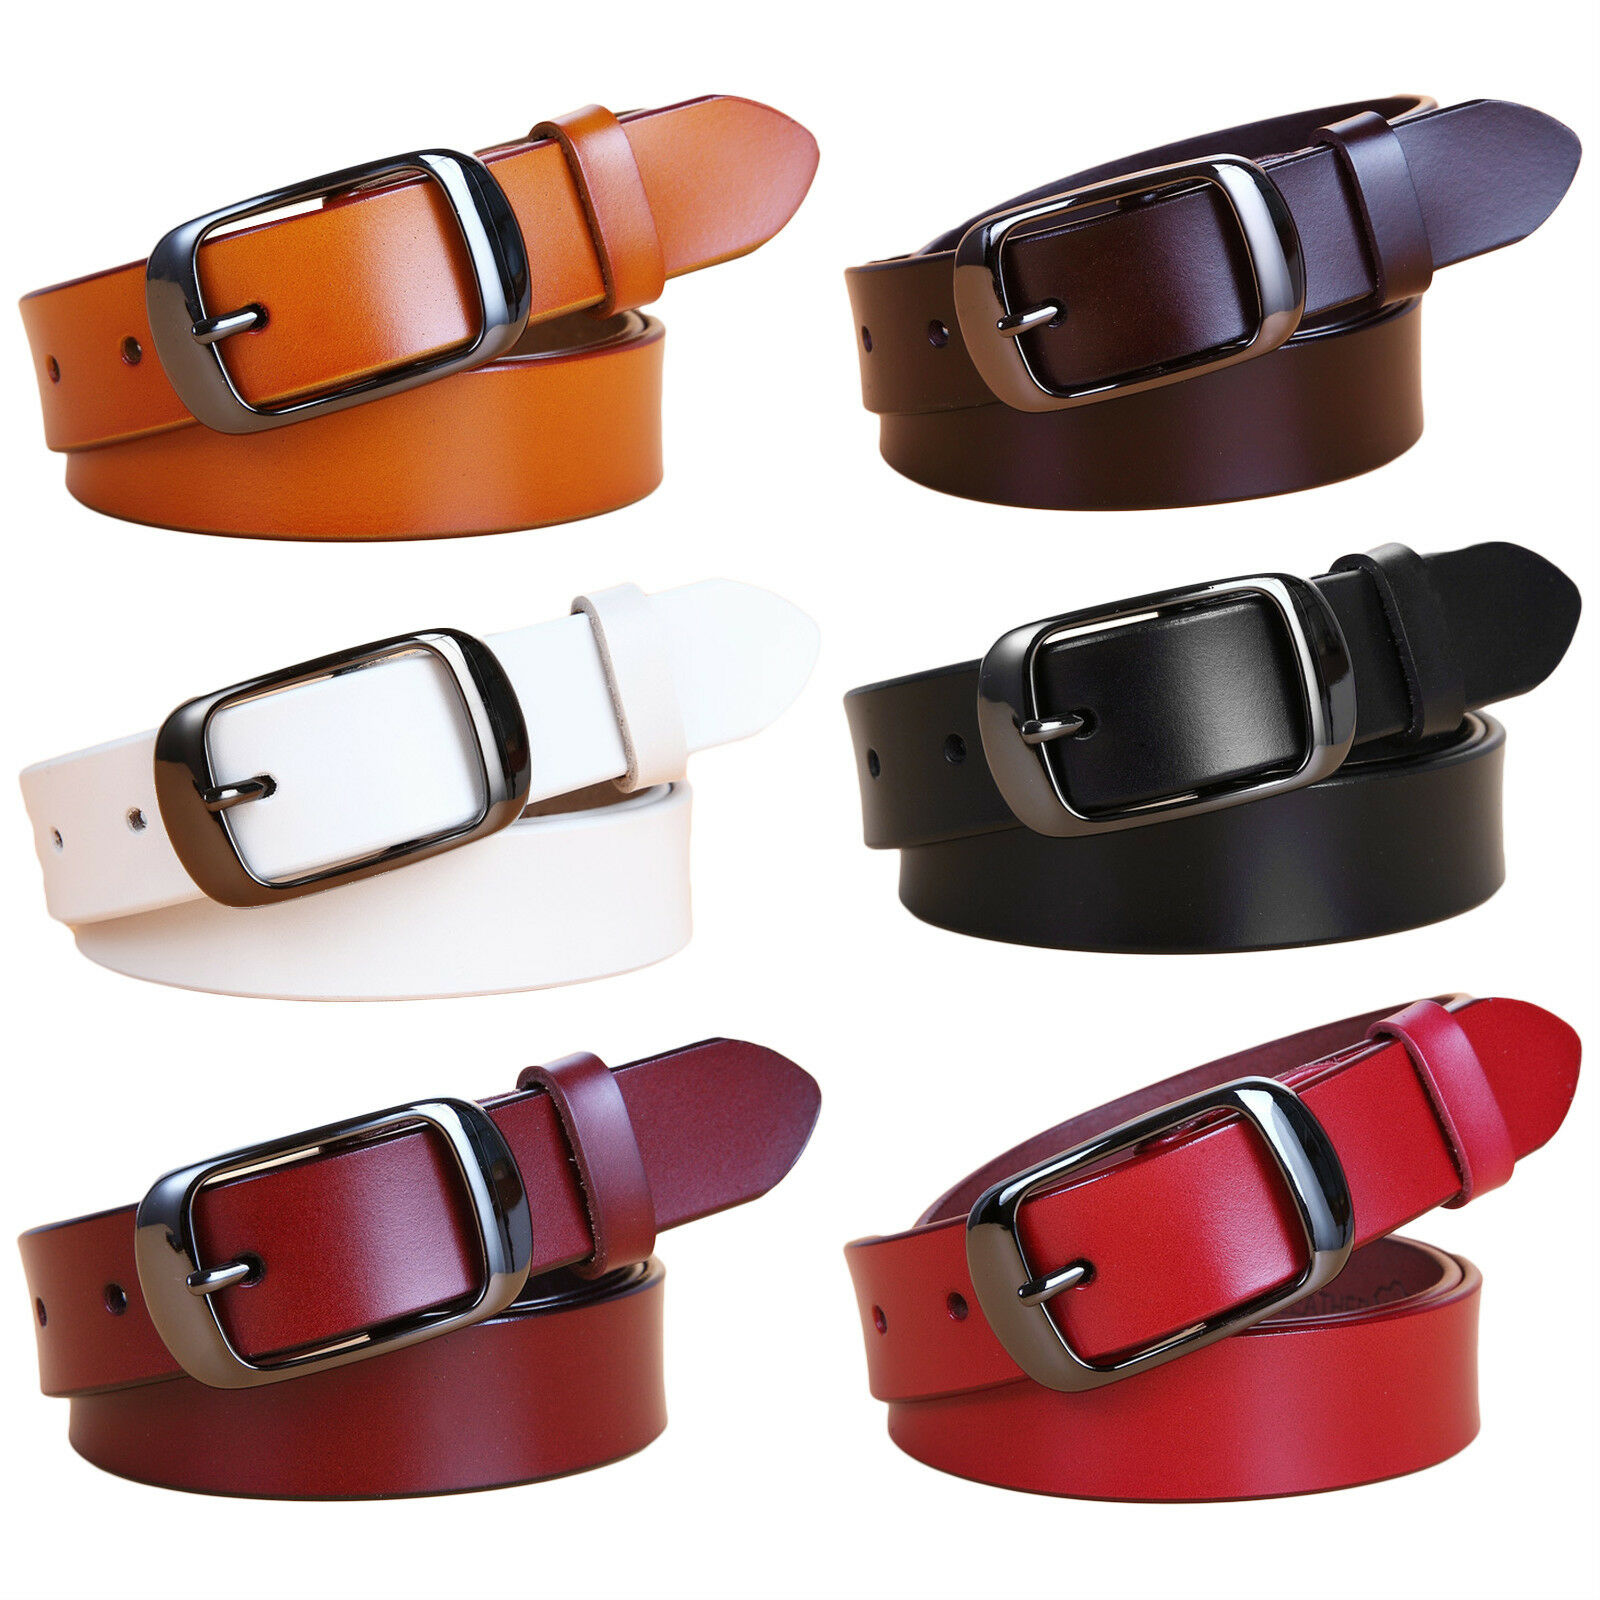 Women's Jean Belt, Classic Buckle Handcrafted Genuine Leather Belt Belts